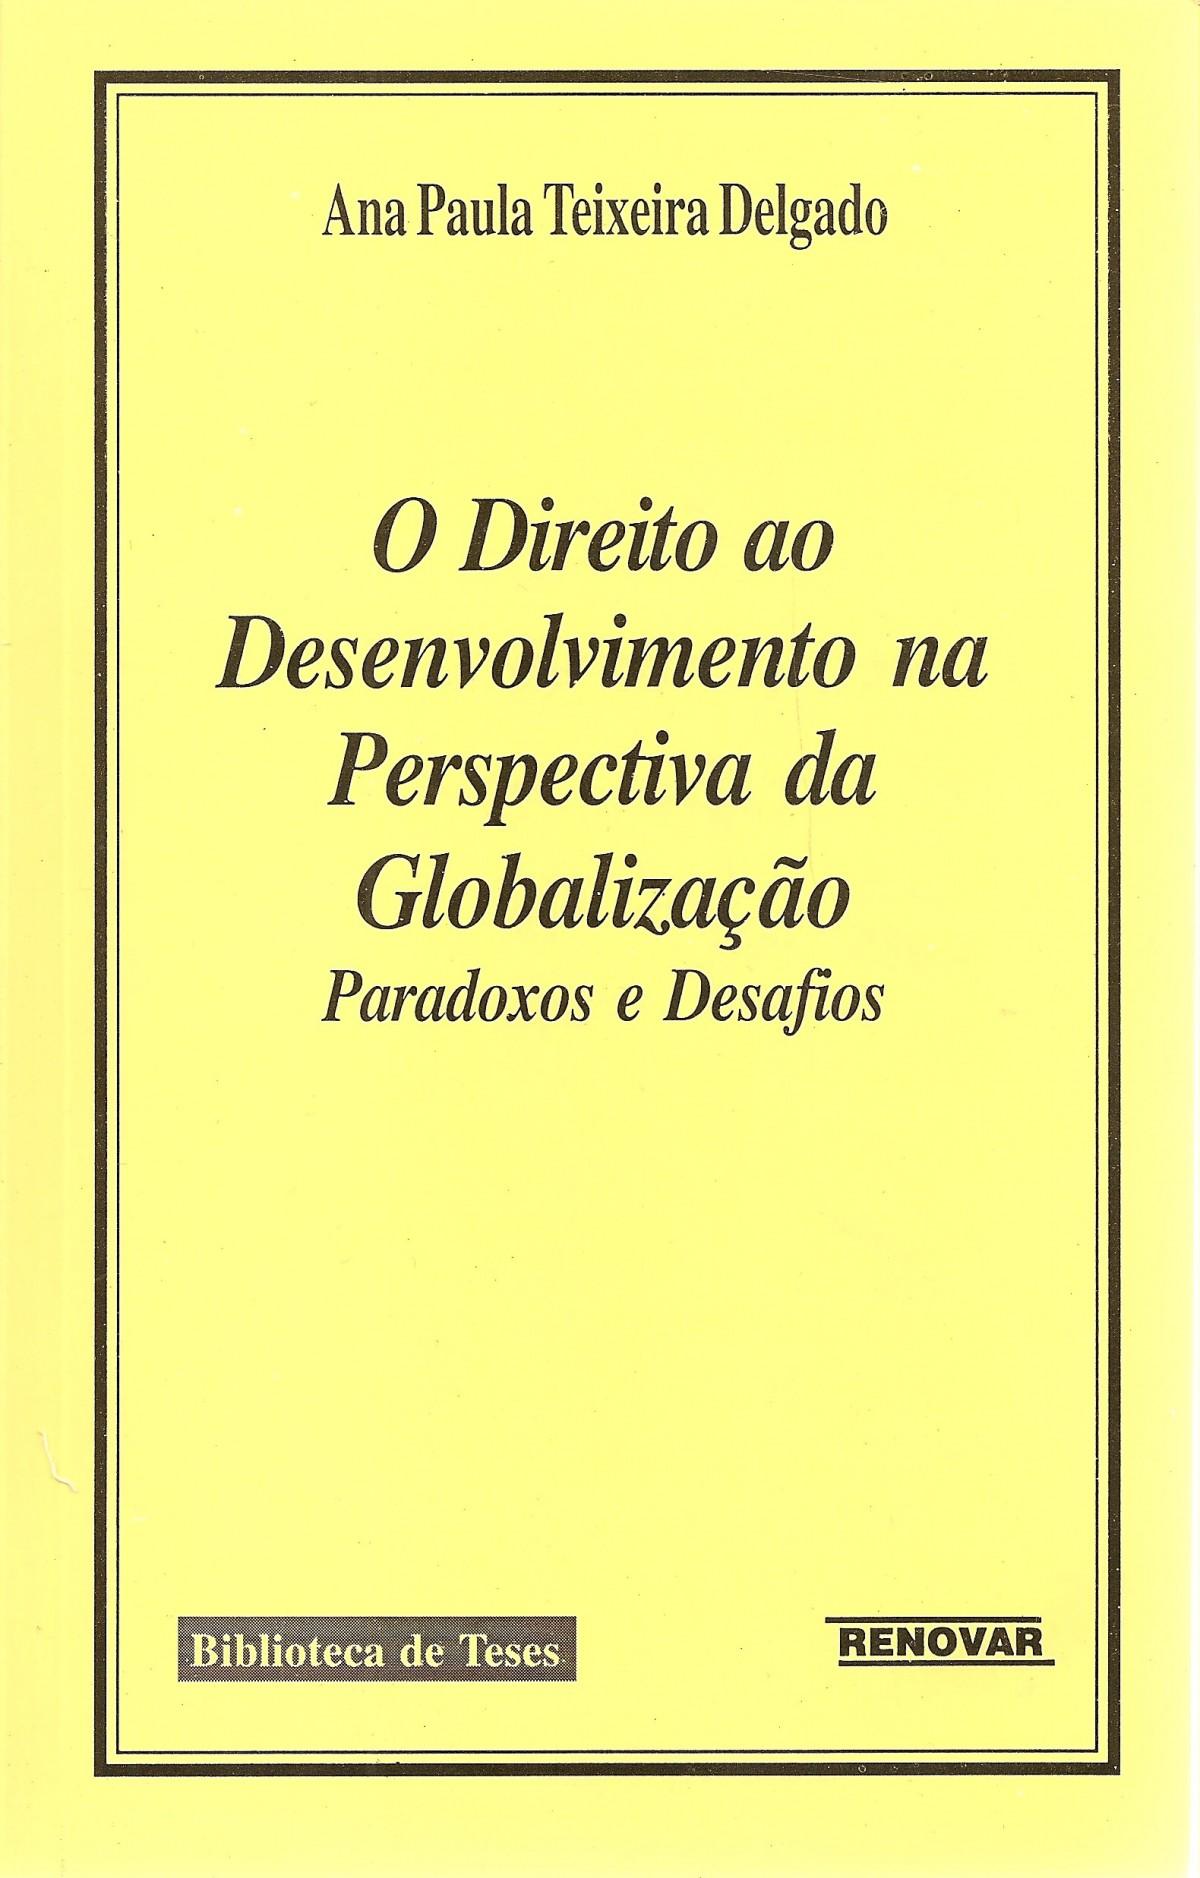 Foto 1 - O Direito ao Desenvolvimento na Perspectiva da Globalização